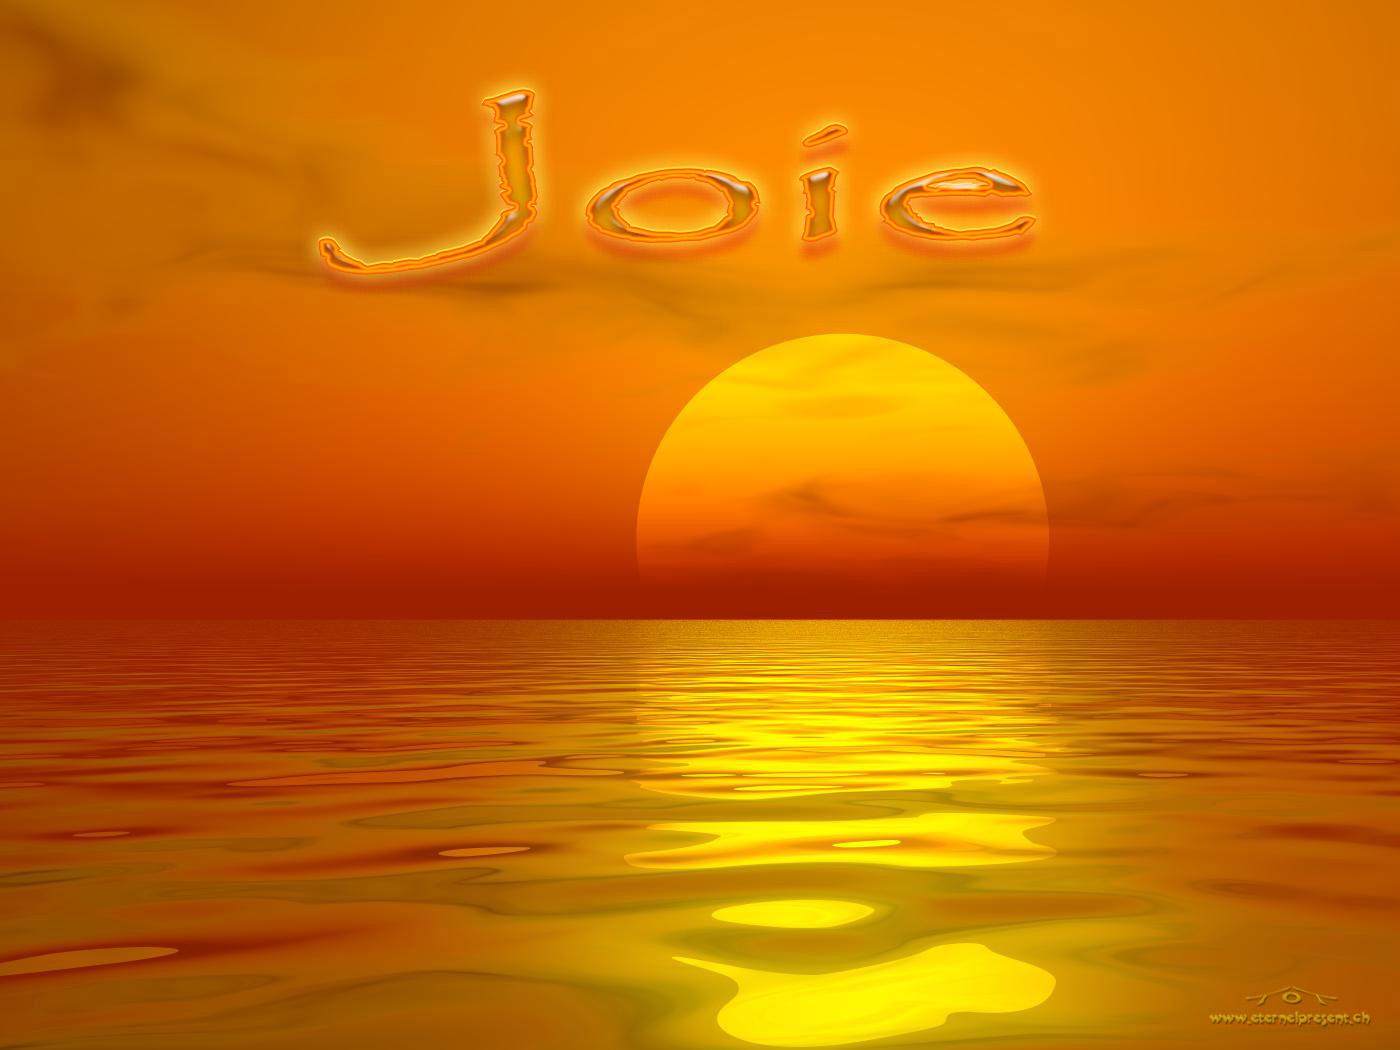 Bien connu Prions pour Semer la joie autour de soi. - Hozana BW01